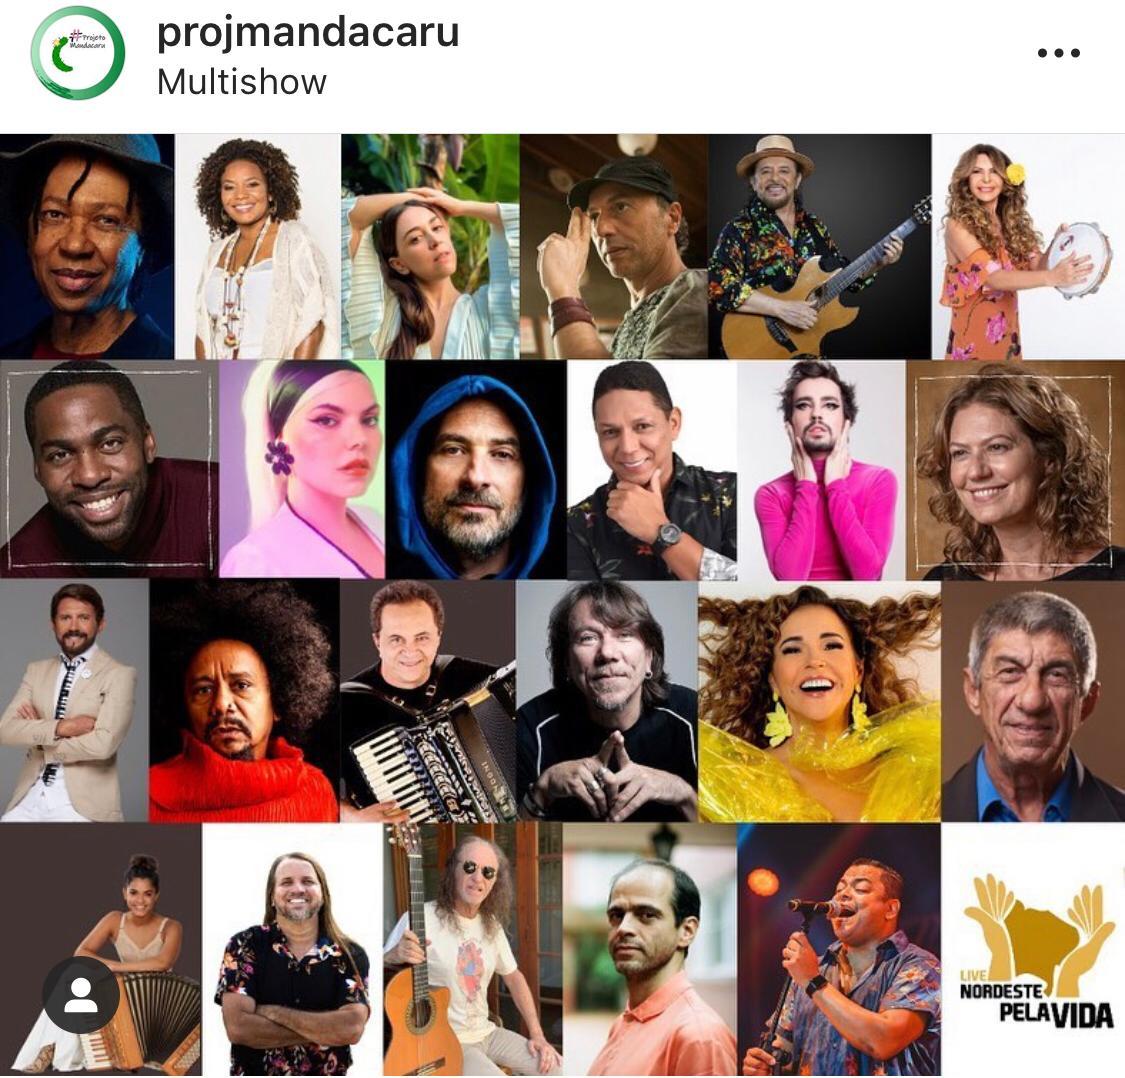 Neste domingo, live Nordeste pela Vida reúne grandes artistas no combate à covid-19; veja quem vai